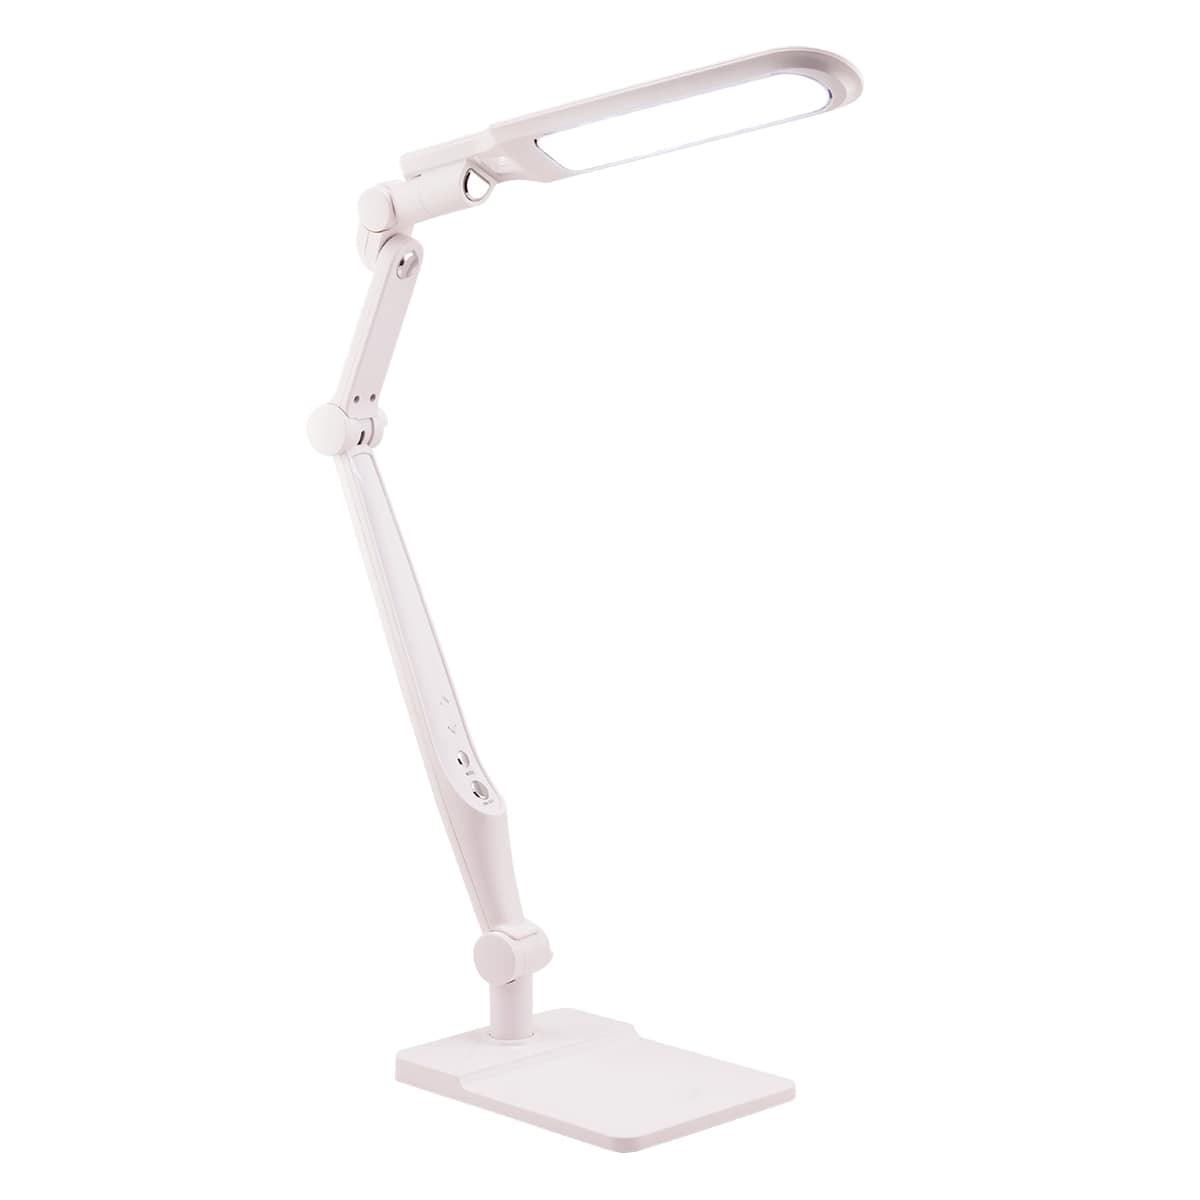 Настольный светильник Artstyle TL-402W, белый artstyle tl 315w